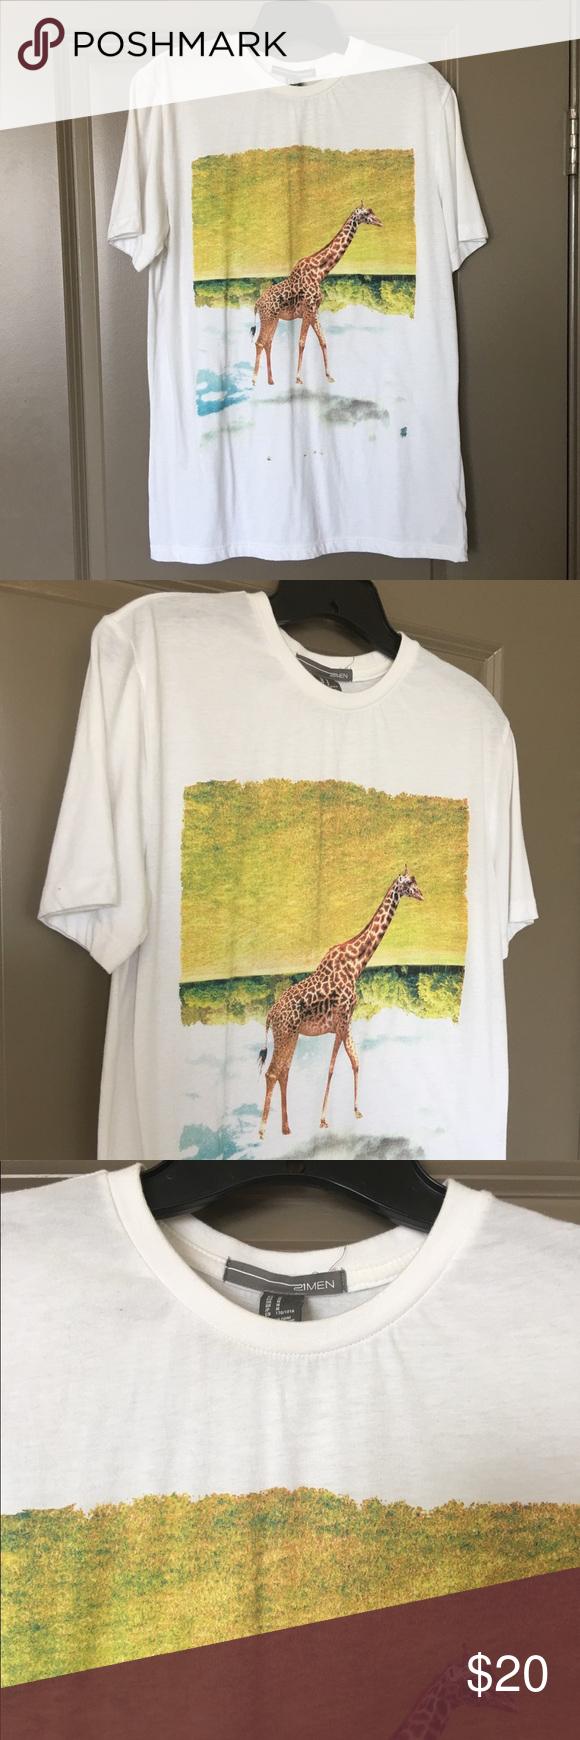 SALE21 Men Giraffe T-Shirt 21 Men men's size M giraffe print t-shirt. NWOT. 21men Shirts Tees - Short Sleeve